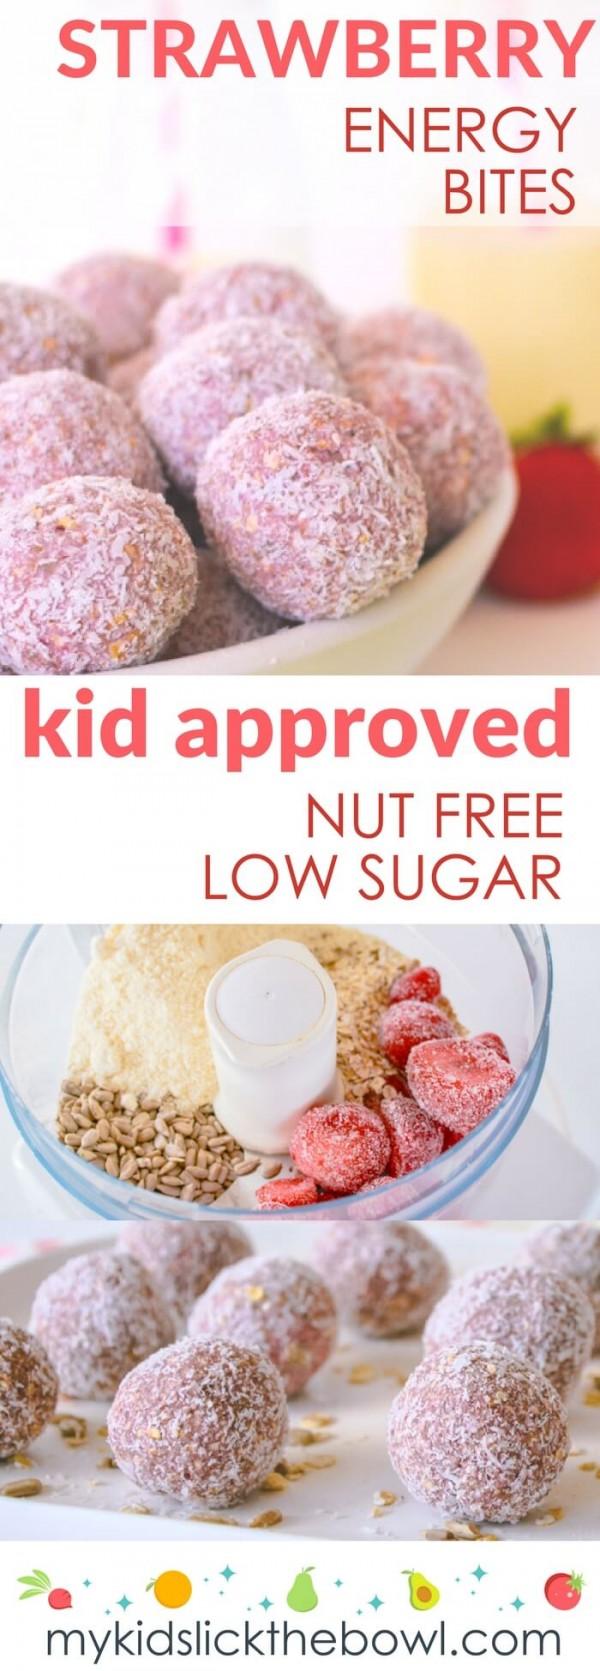 Get the recipe Strawberry Energy Bites @recipes_to_go